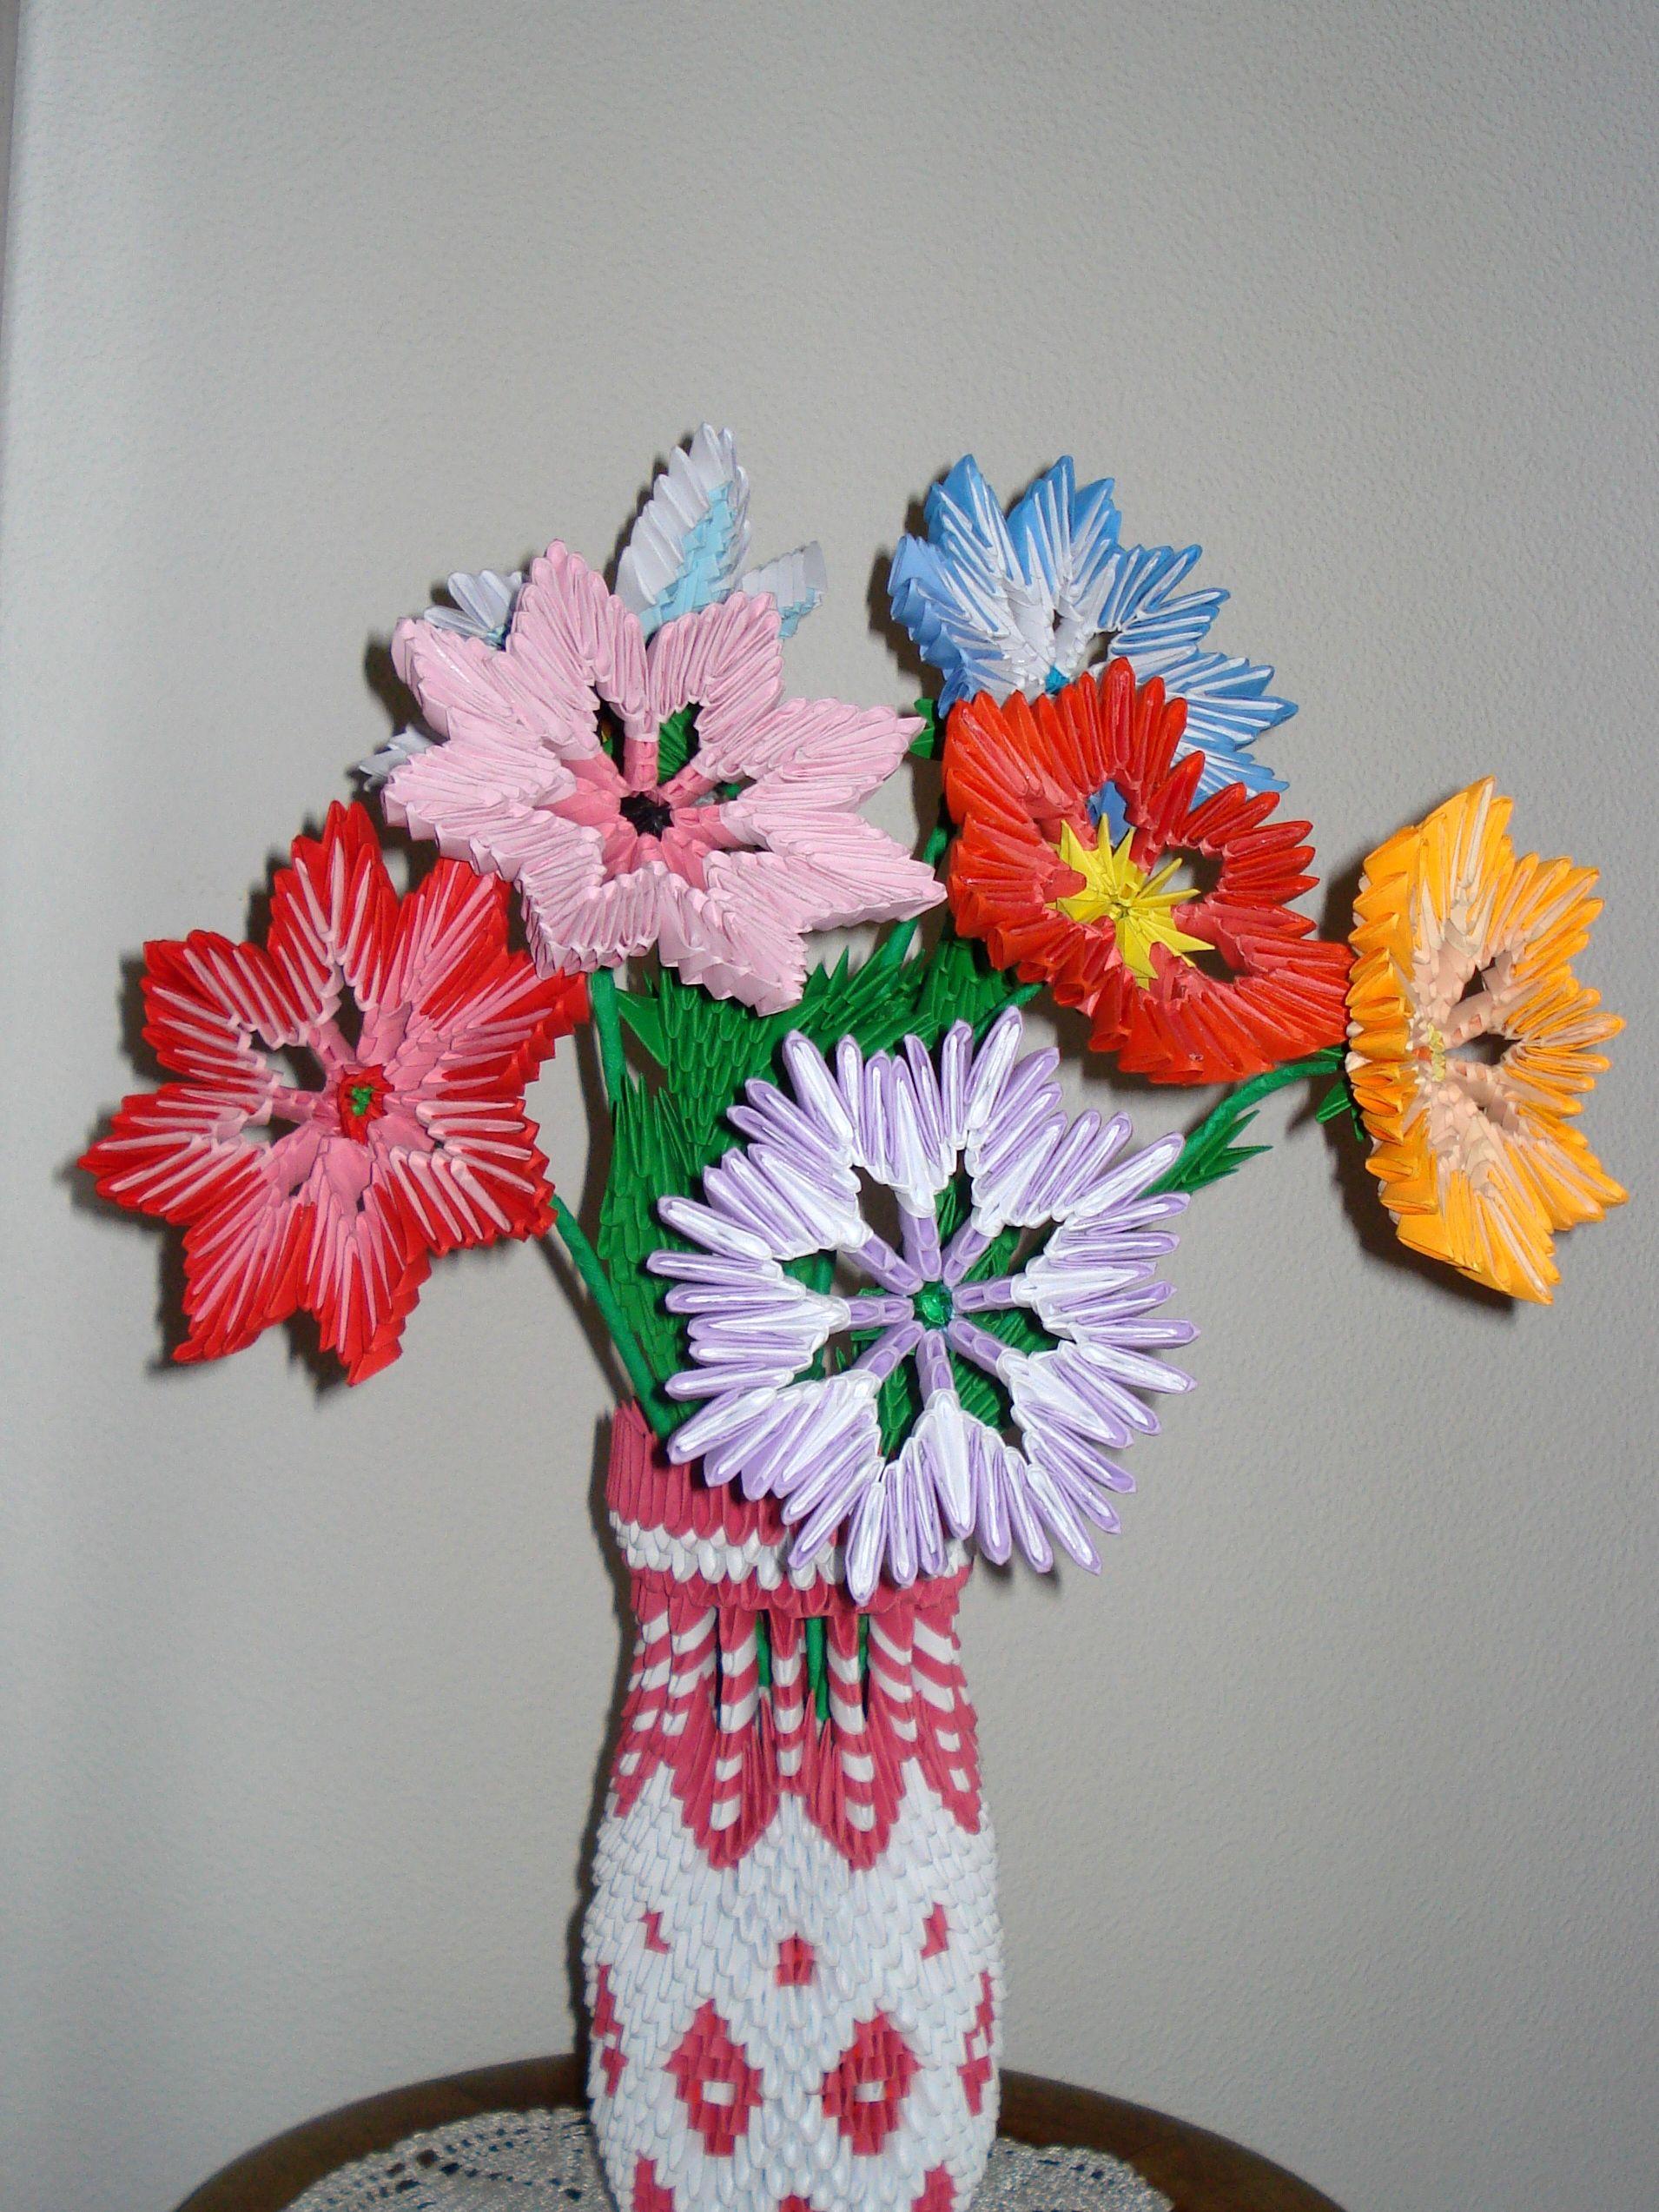 Kwiaty Z Origami Origami Kwiaty Pinterest Origami Origami